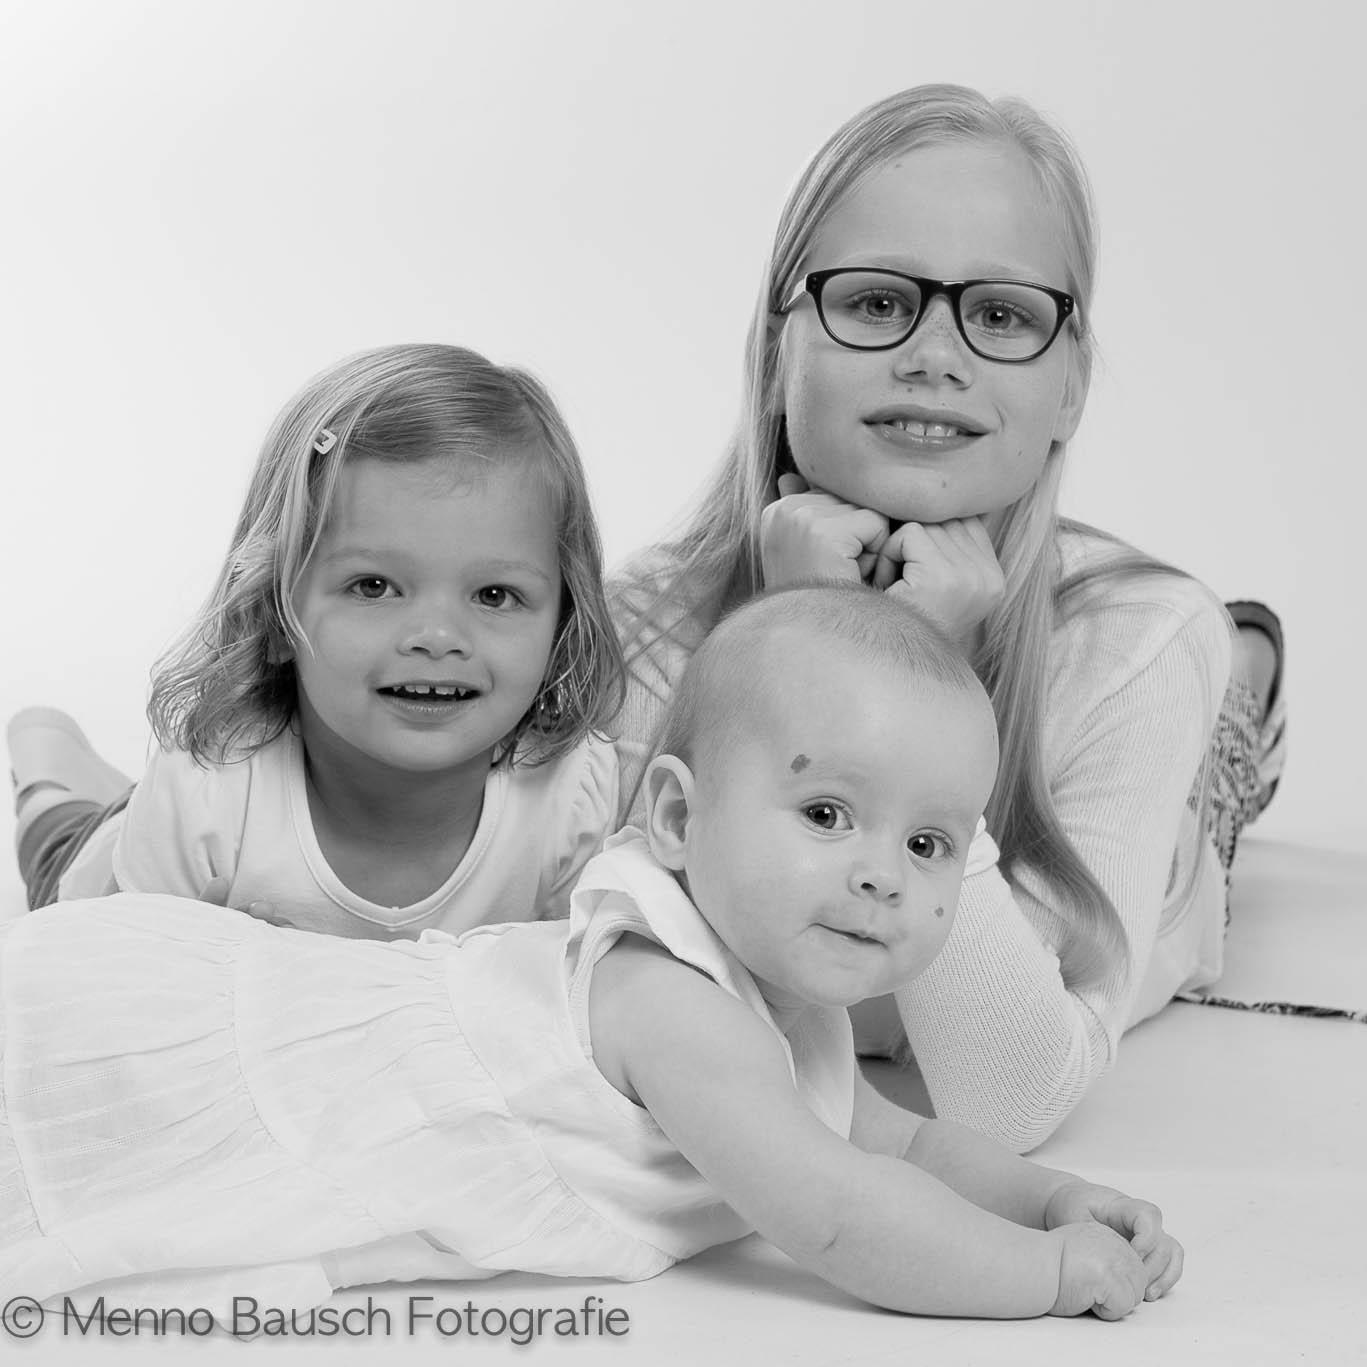 Menno Bausch Fotografie26-2